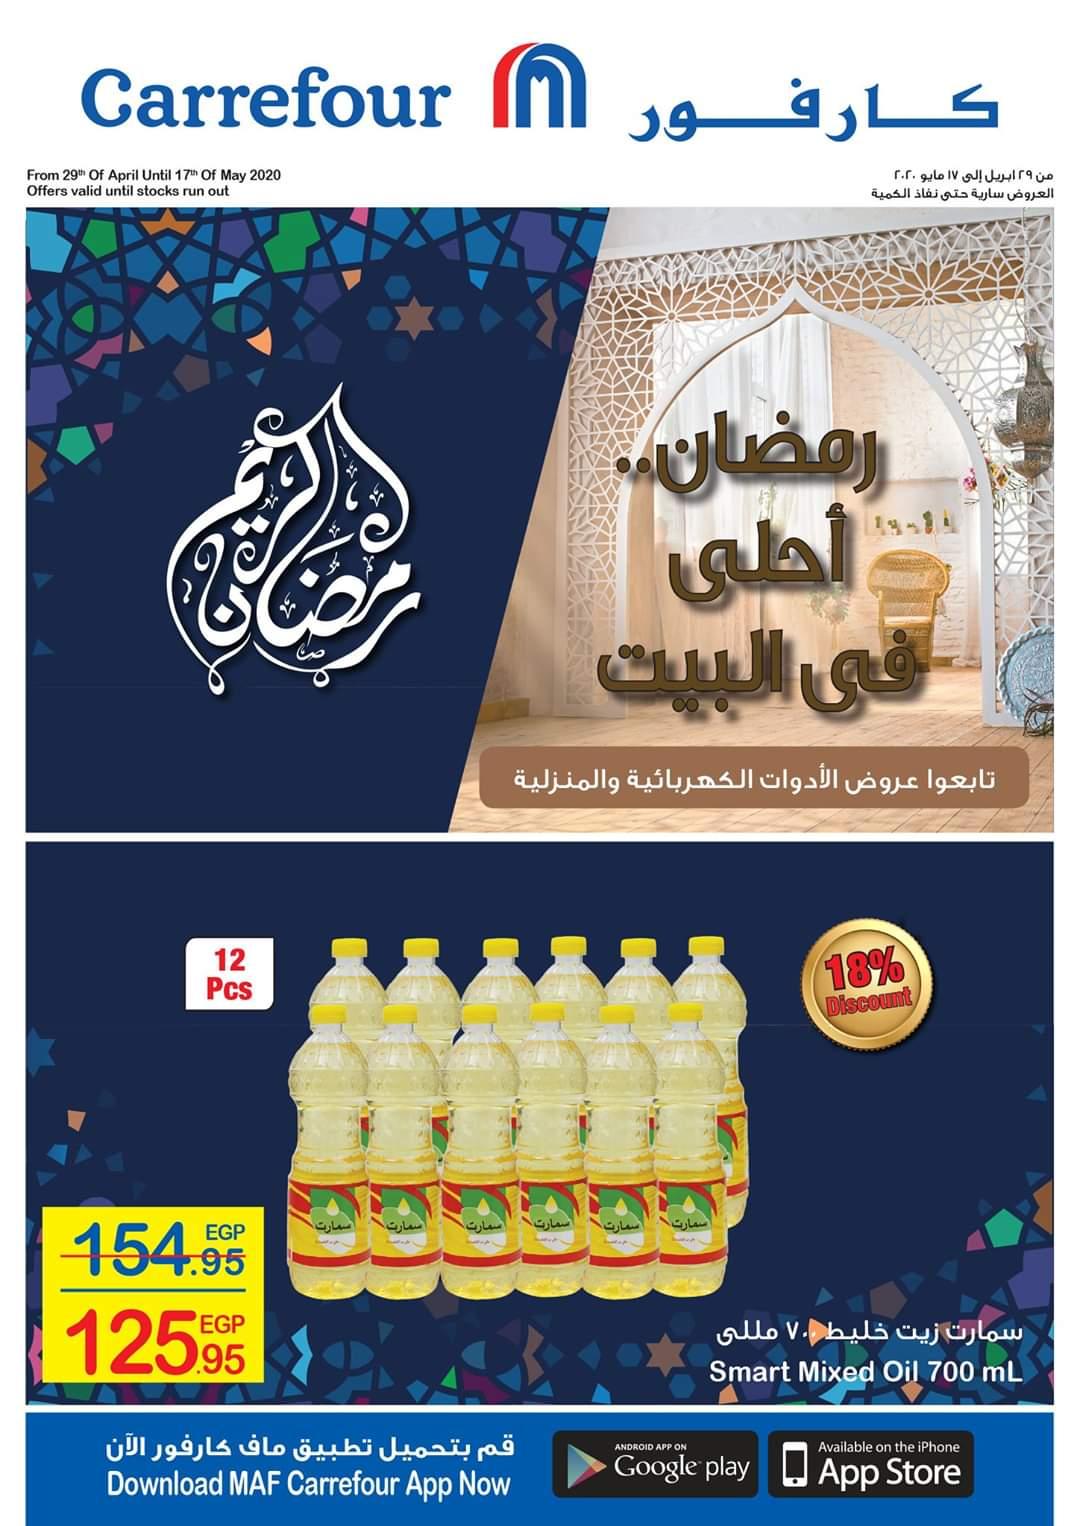 عروض كارفور مصر رمضان من 29 ابريل حتى 17 مايو 2020 هايبرماركت